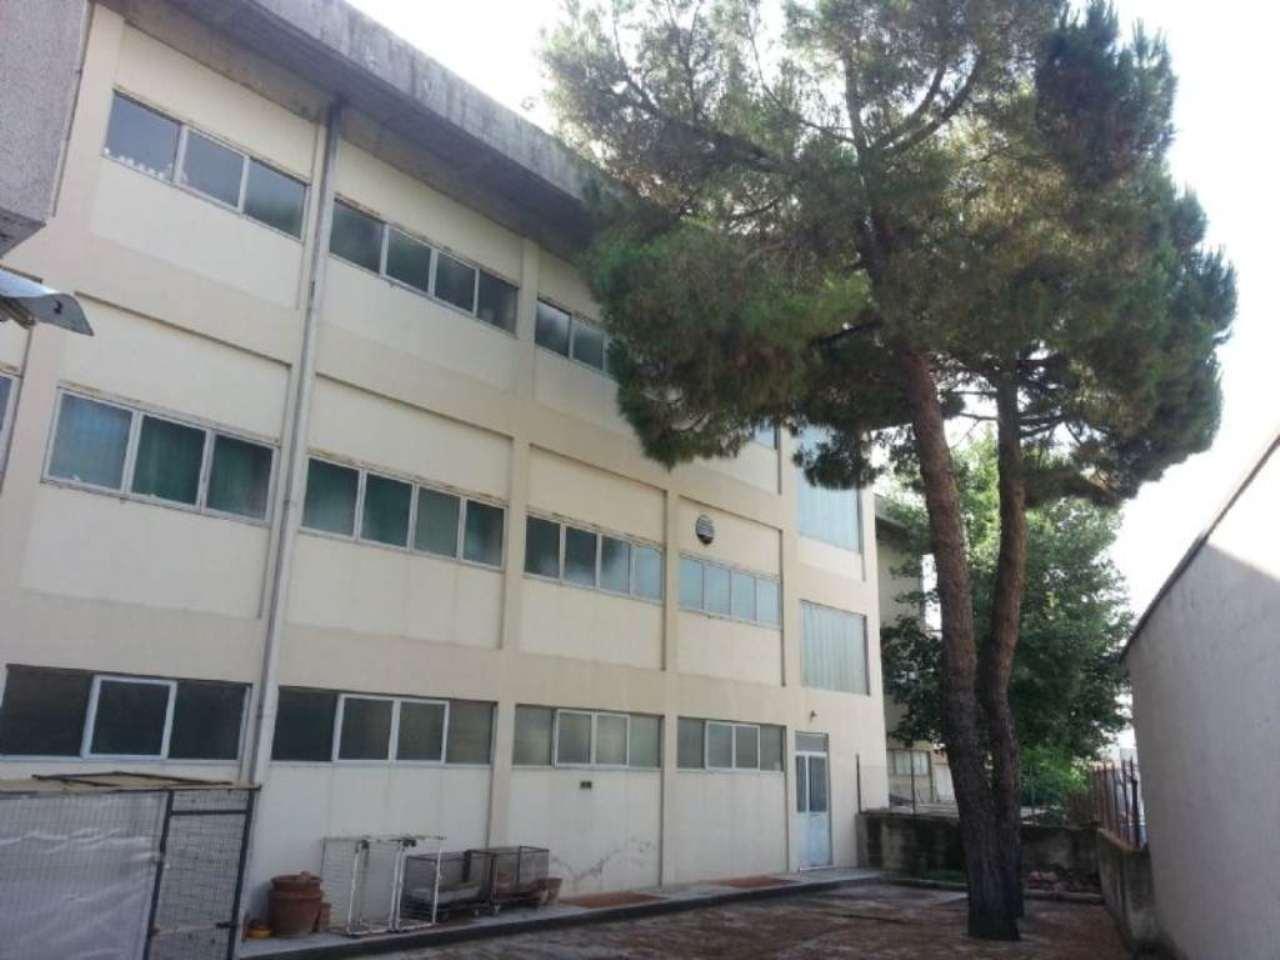 Capannone in vendita a Negrar, 9999 locali, Trattative riservate | Cambio Casa.it